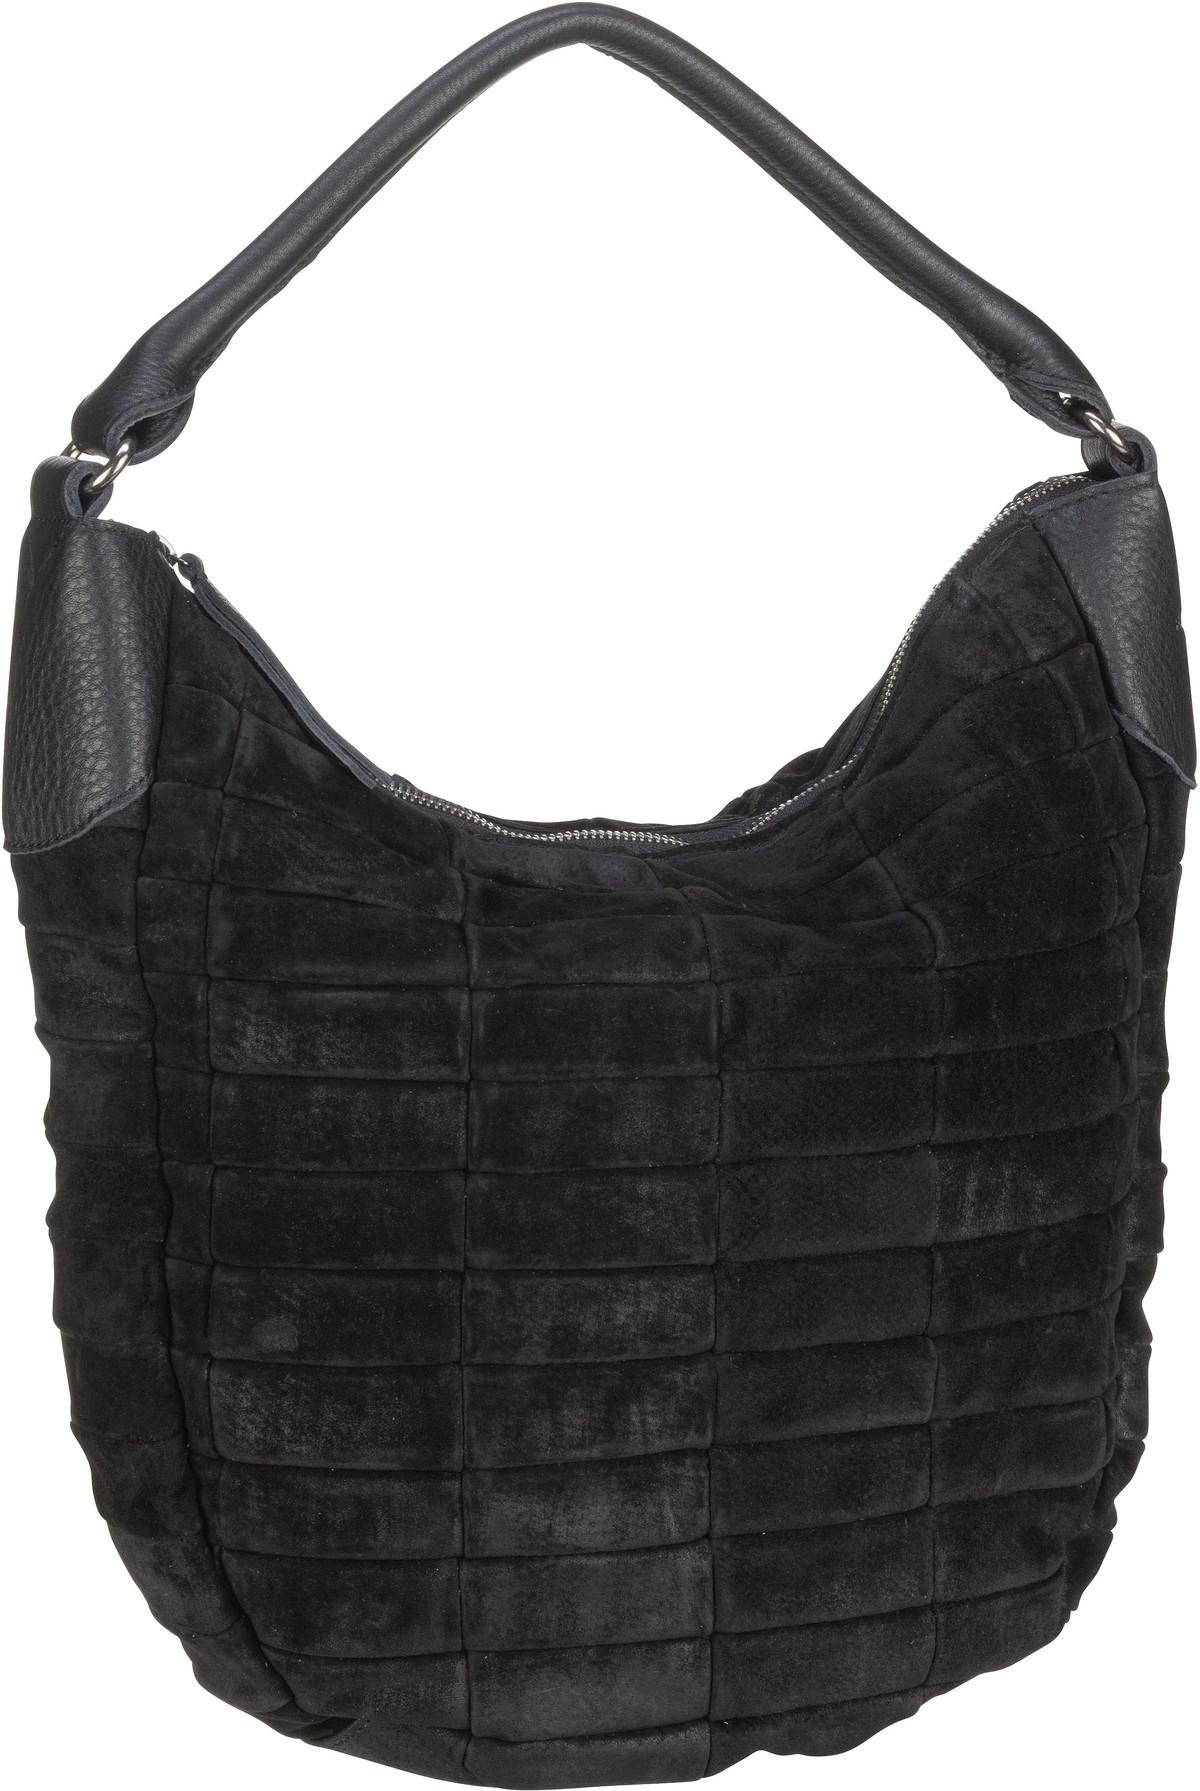 Handtasche Boby Black